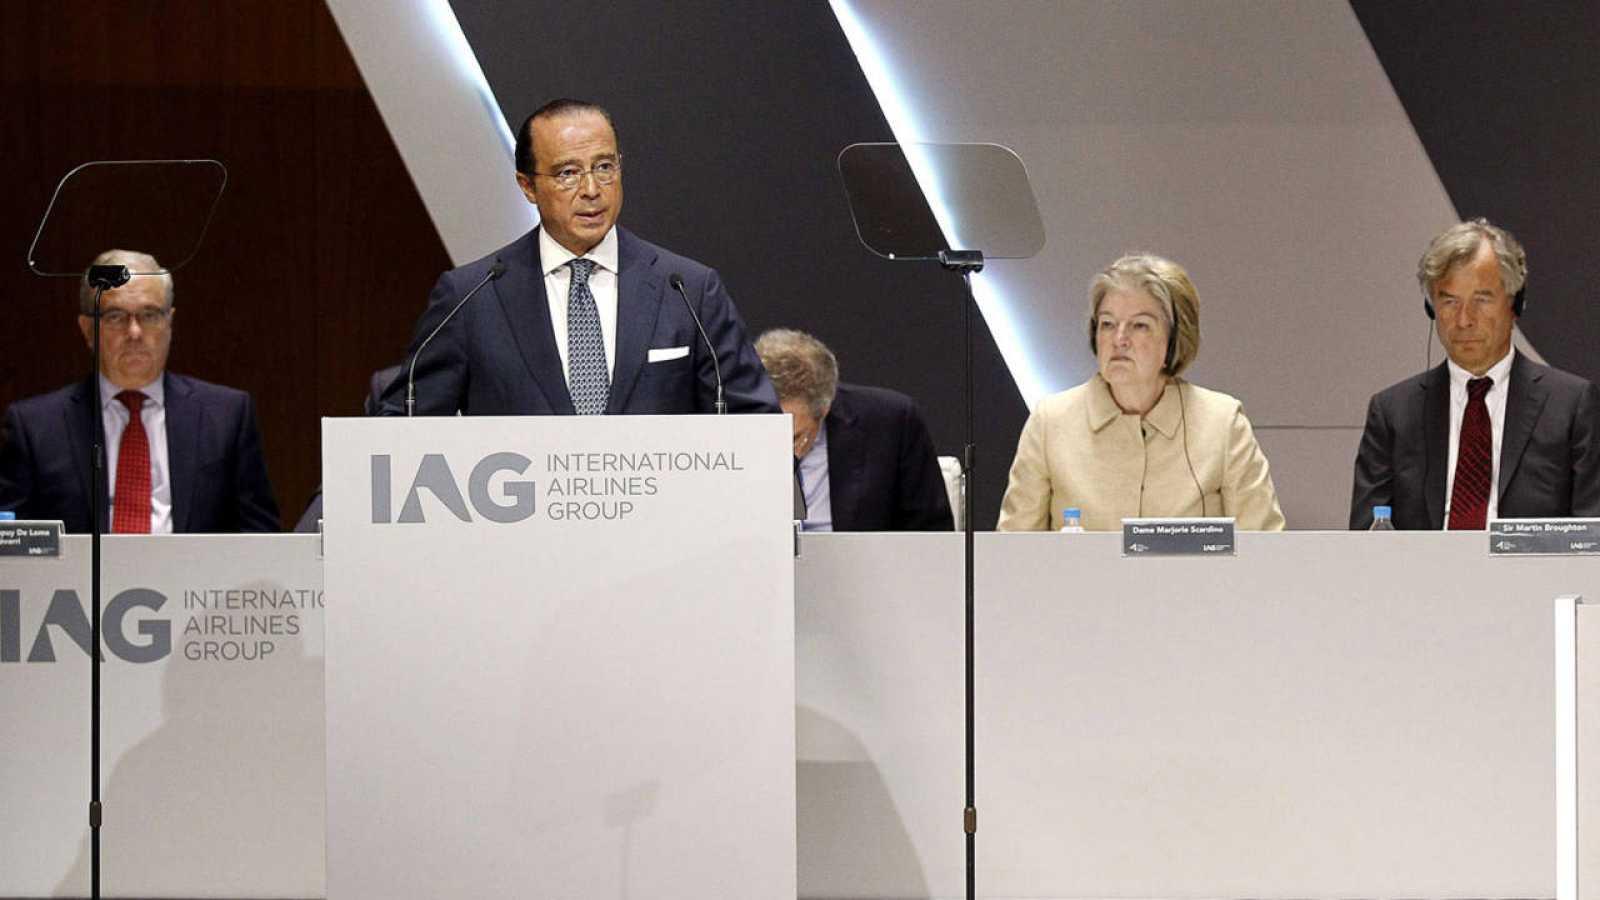 El presidente de IAG se dirige a la junta general de accionistas